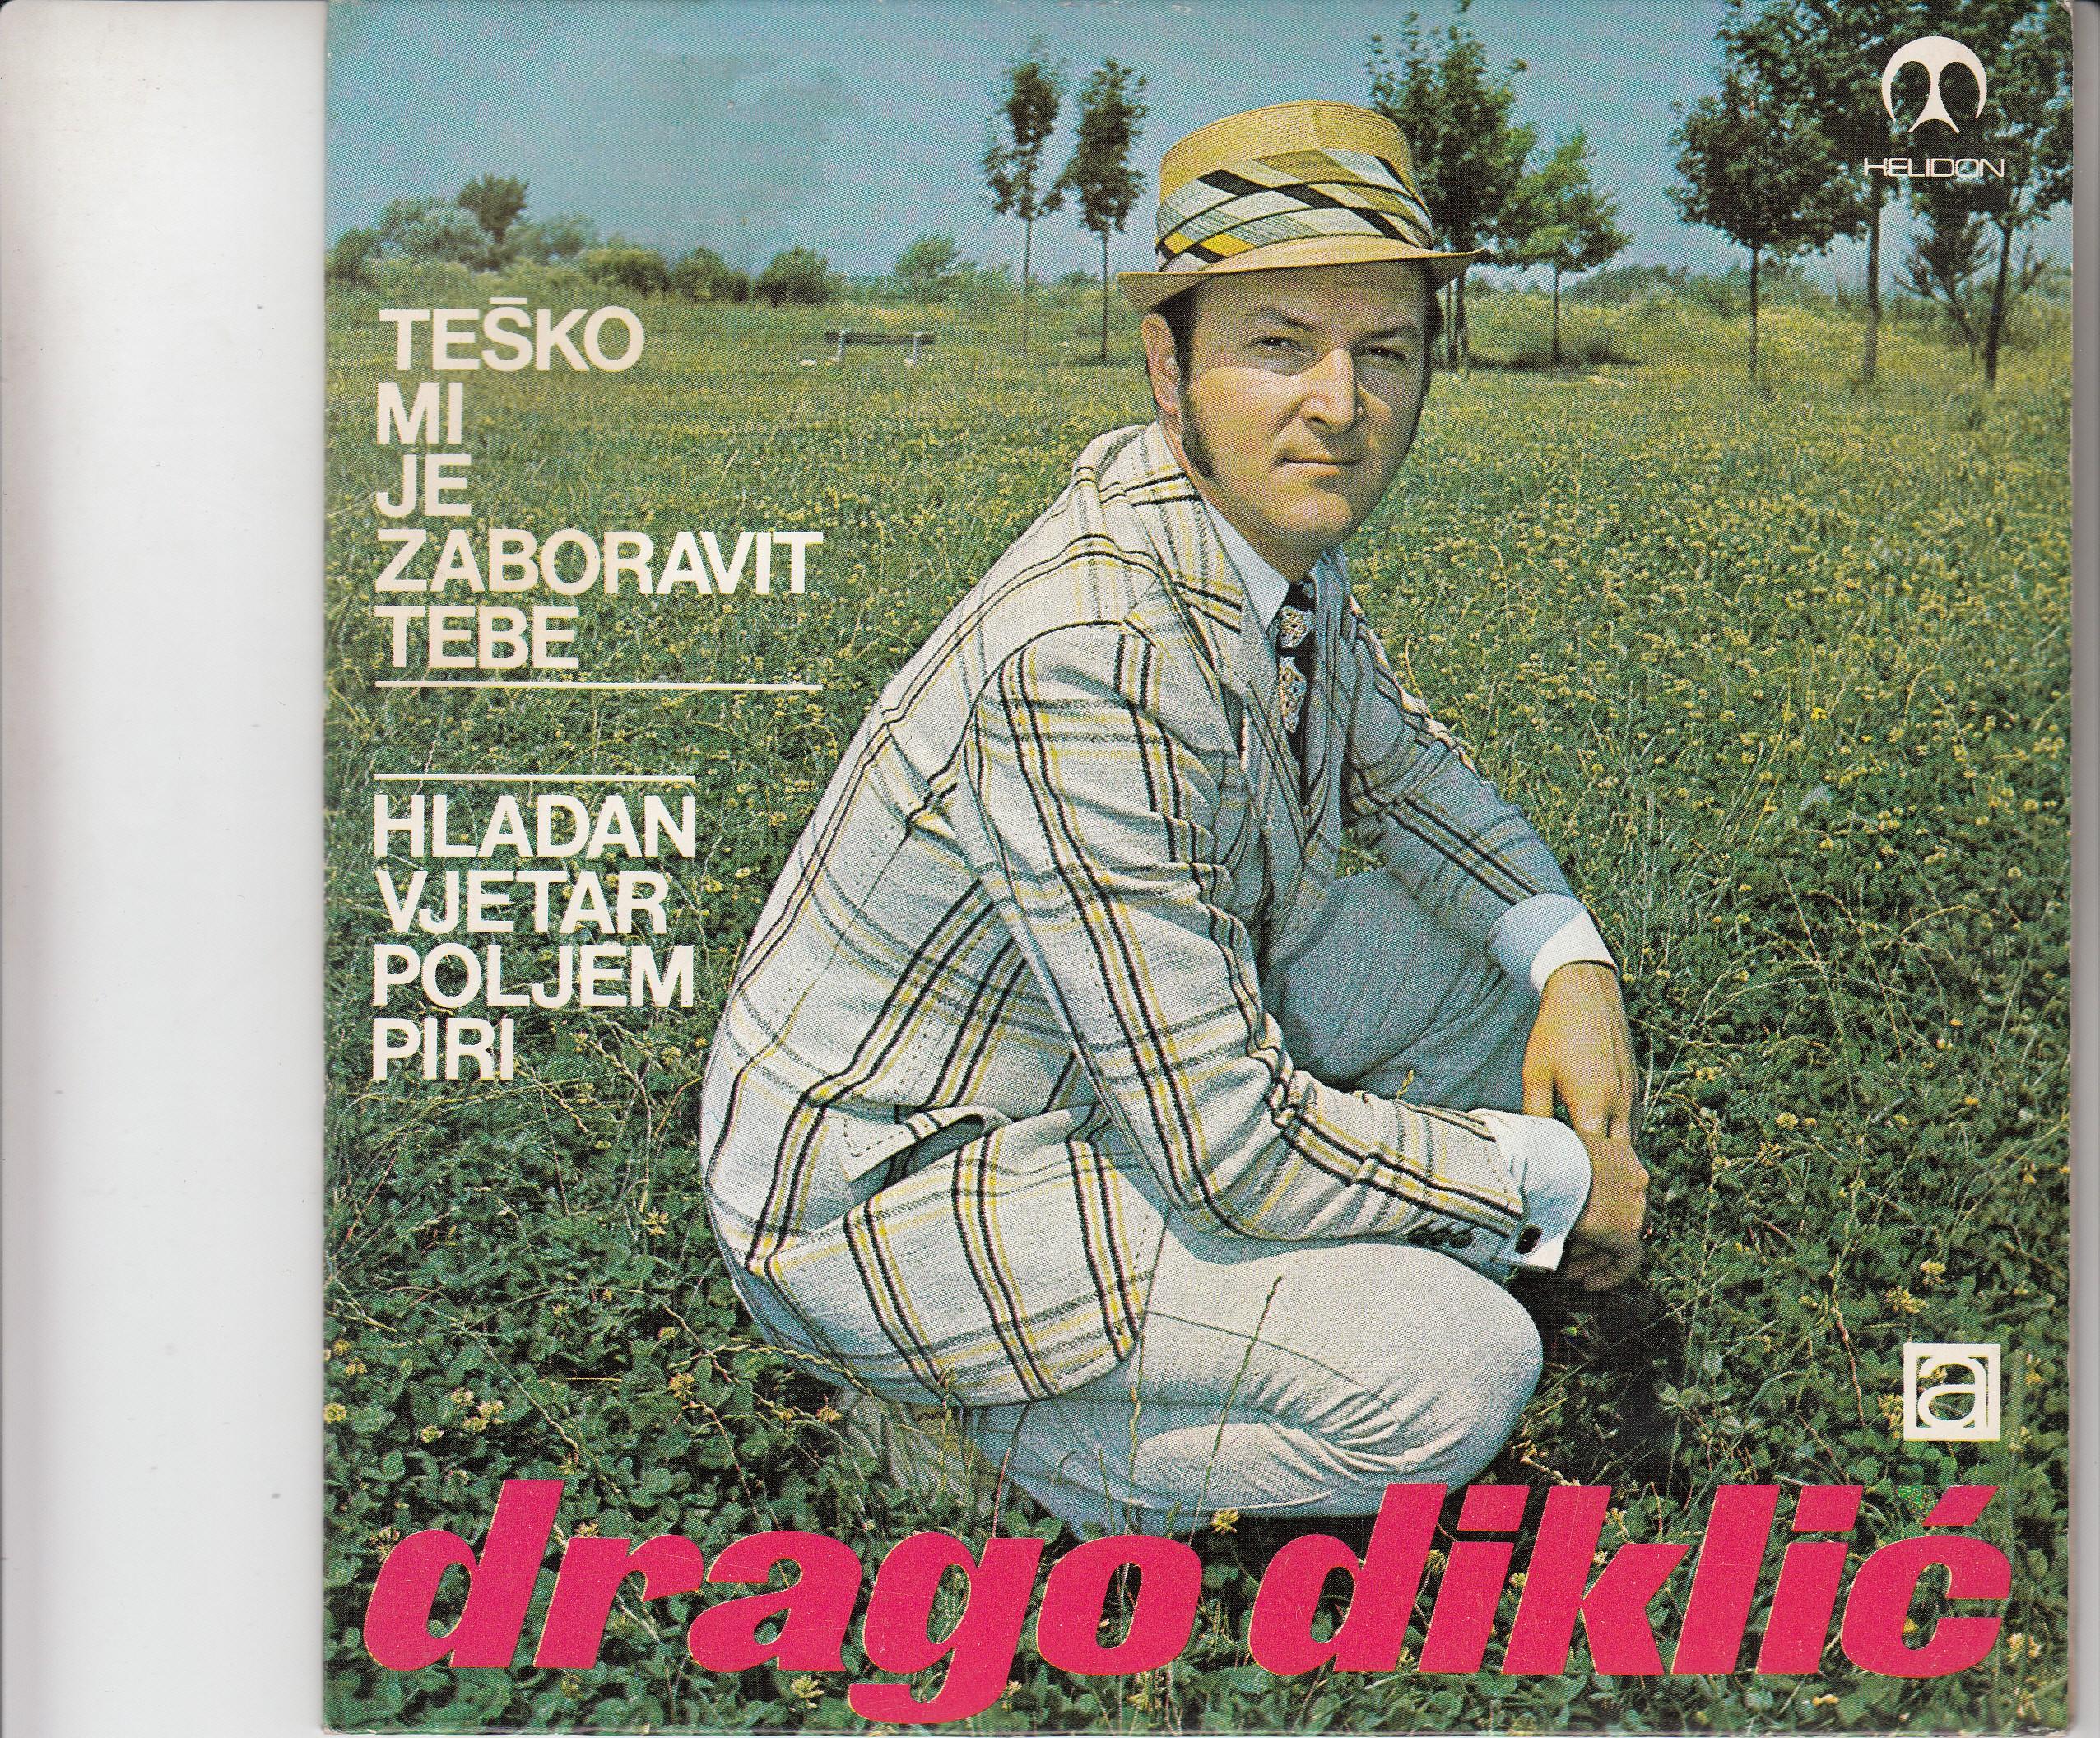 Diklic Drago - Tesko Mi Je Zaboravit Tebe/hladan Vjetar Poljem Piri